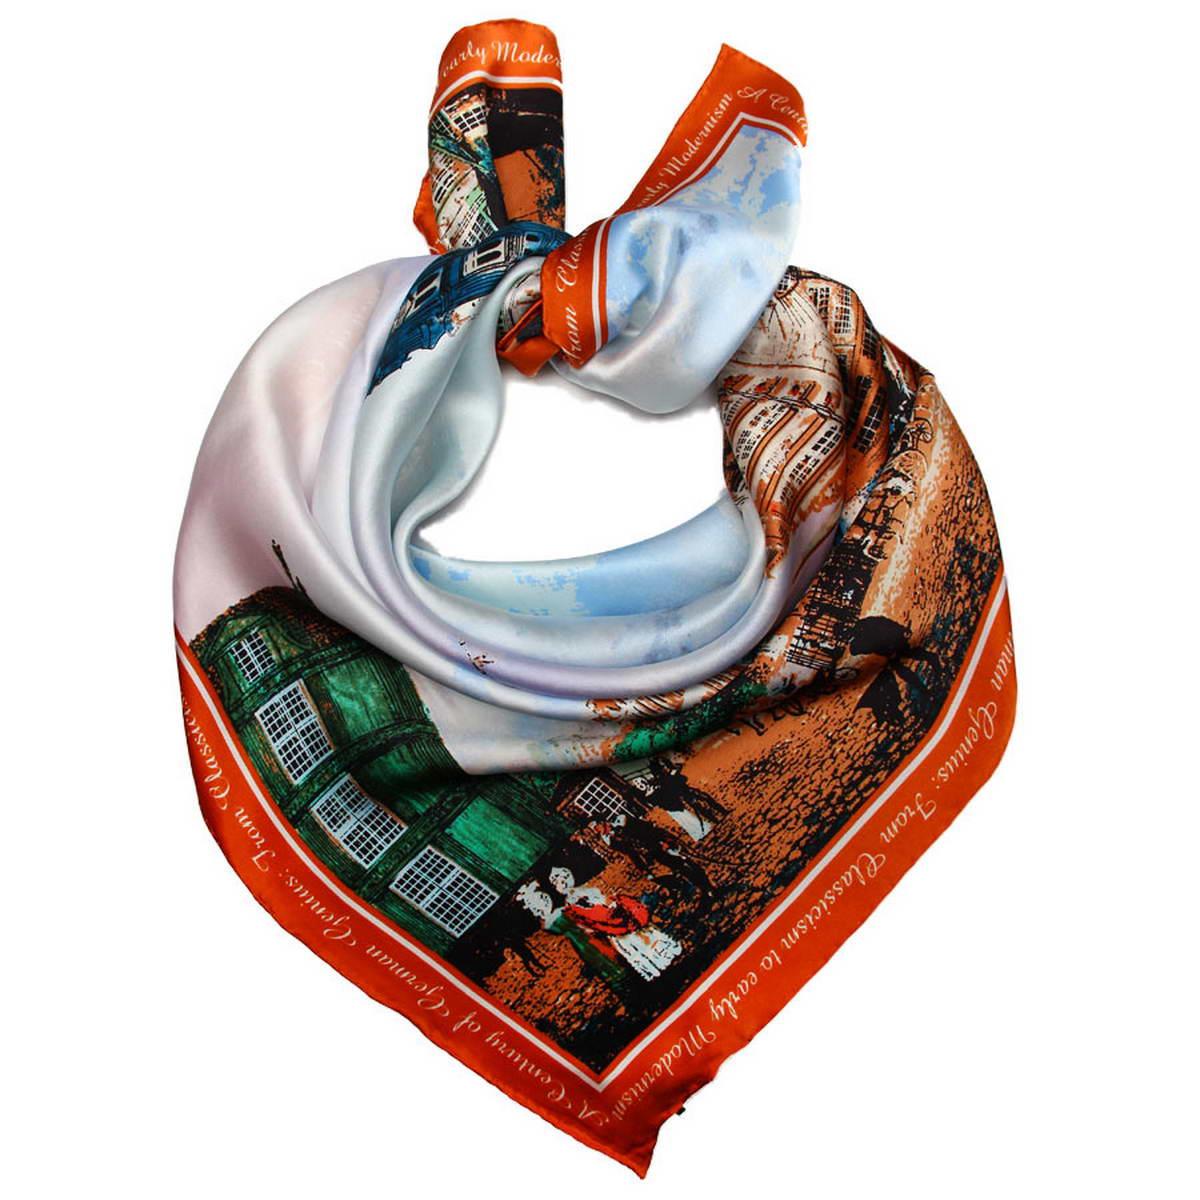 Платок женский. 18108121810812-1Нежный шелковый платок Venera станет нарядным аксессуаром, который призван подчеркнуть индивидуальность и очарование женщины. Оригинальный дизайн полотна с изображением города придаст вашему образу хорошего настроения и привлечёт всеобщее внимание. Края платка качественно обработаны вручную. Этот модный аксессуар женского гардероба гармонично дополнит образ современной женщины, следящей за своим имиджем и стремящейся всегда оставаться стильной и элегантной.